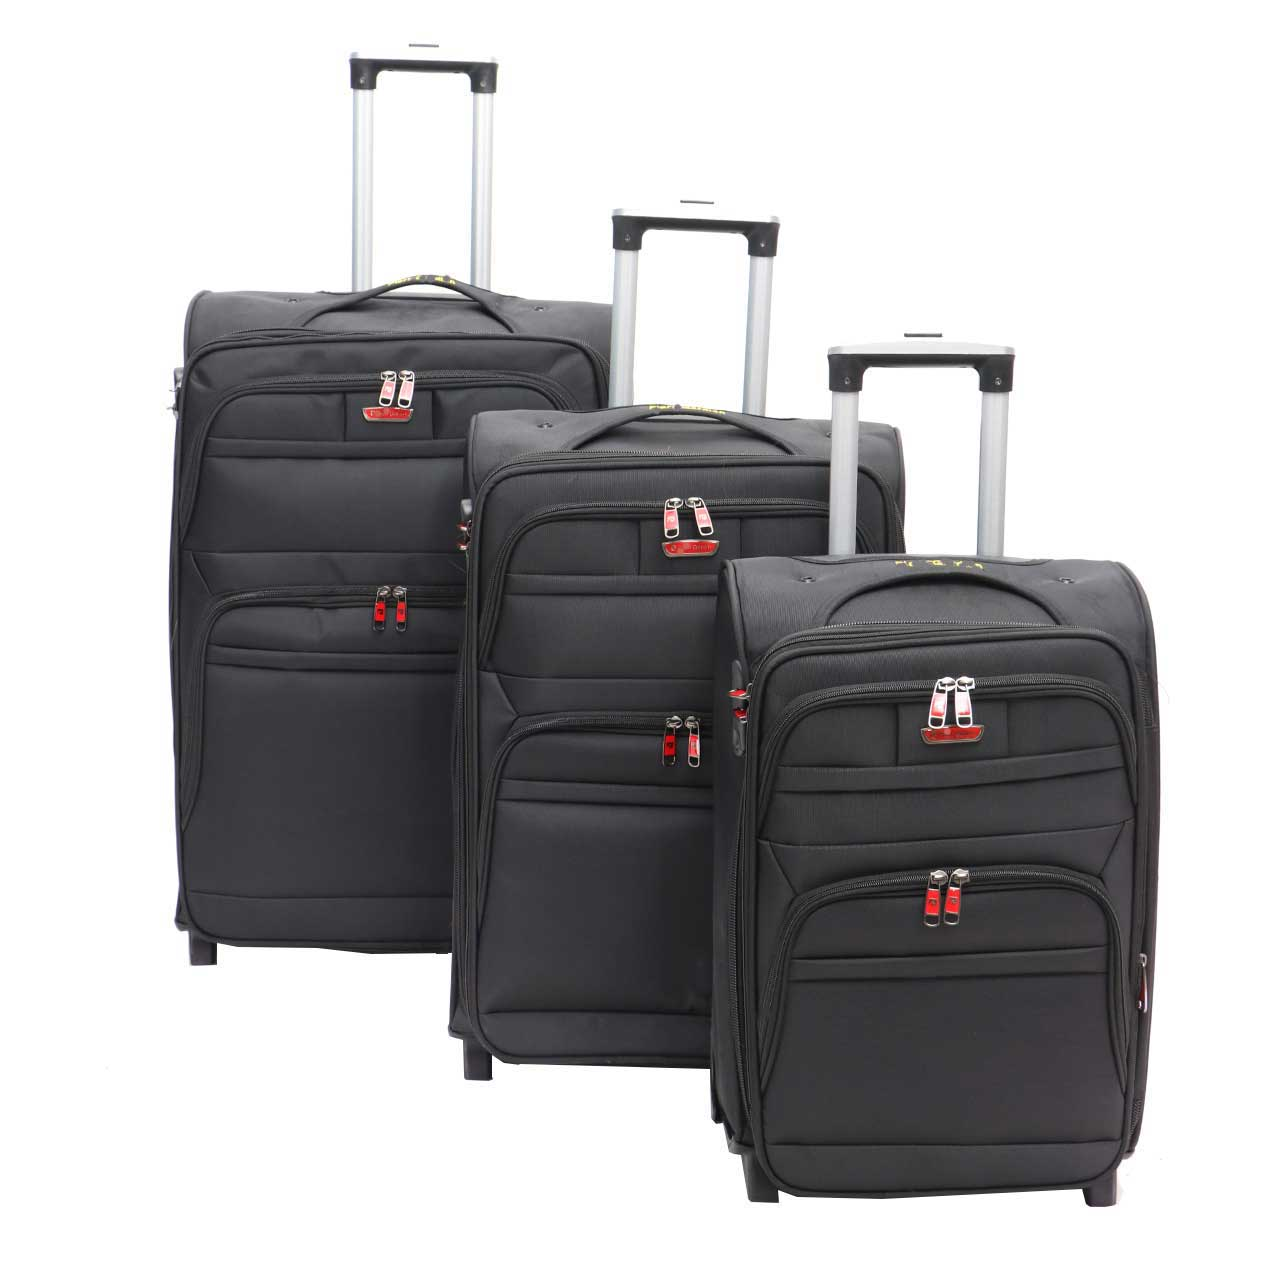 مجموعه سه عددی چمدان لودان مدل 3P